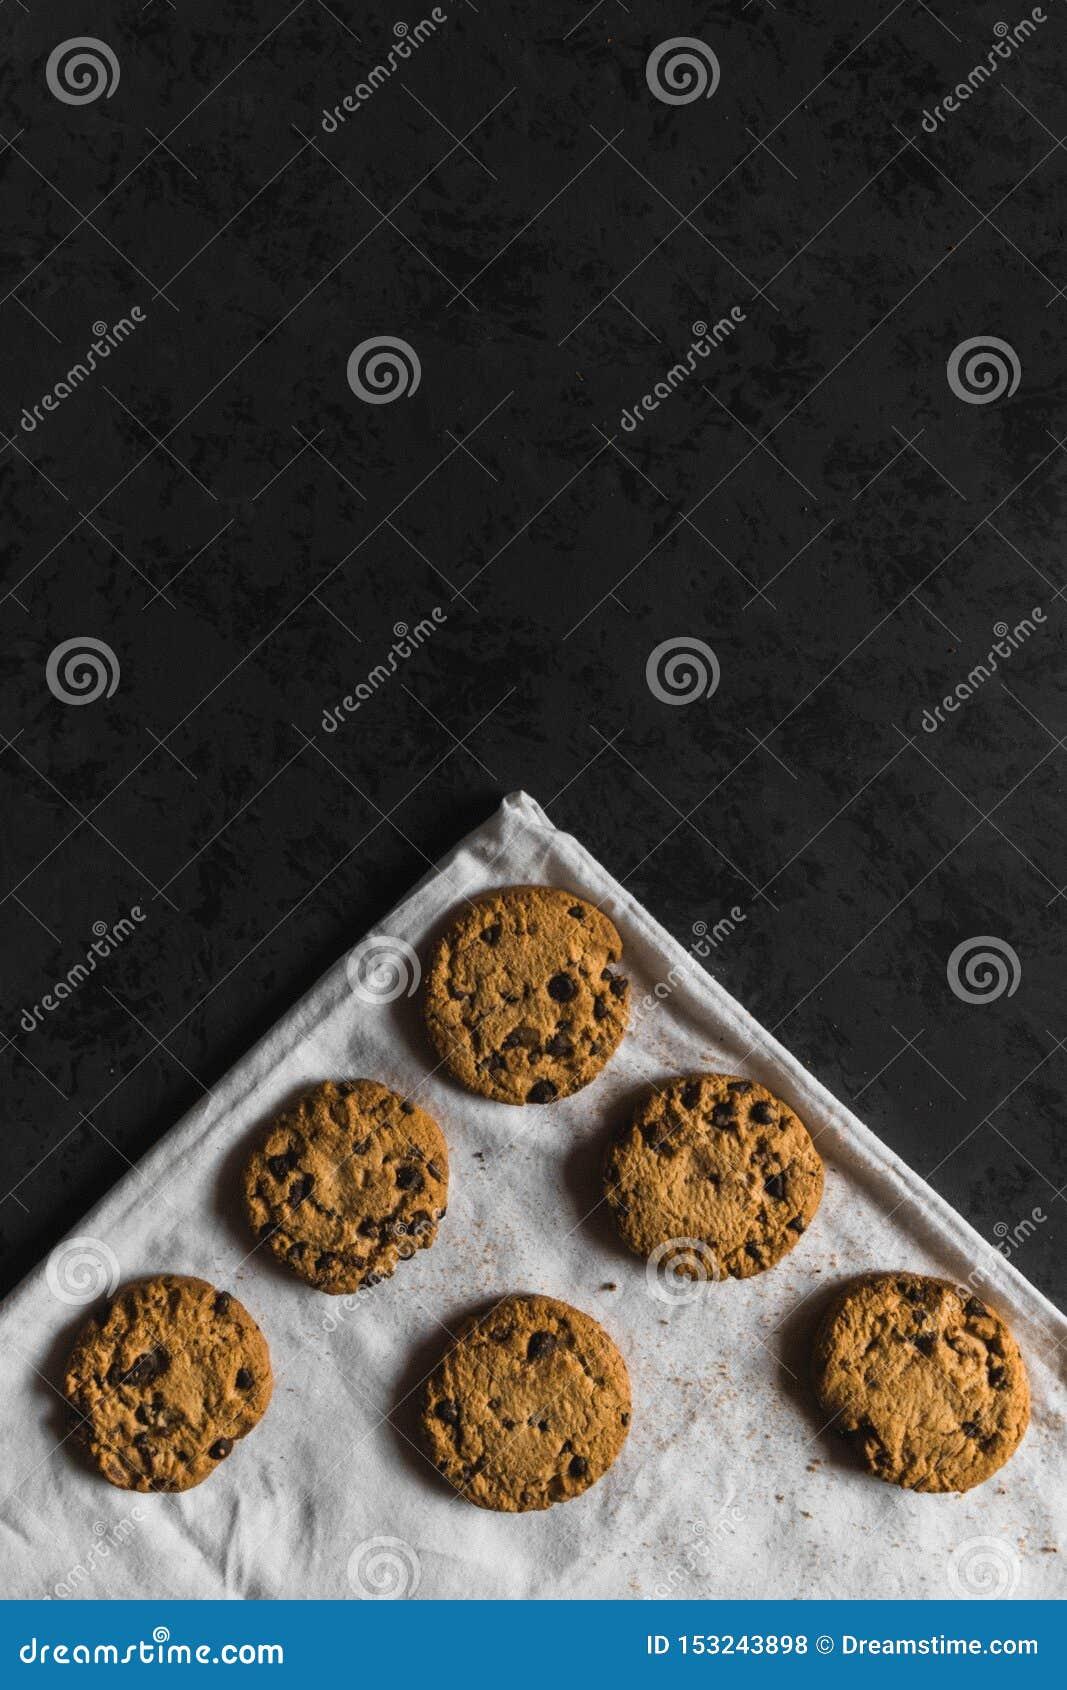 Koekjes met chocoladeschepen op een donkere achtergrond